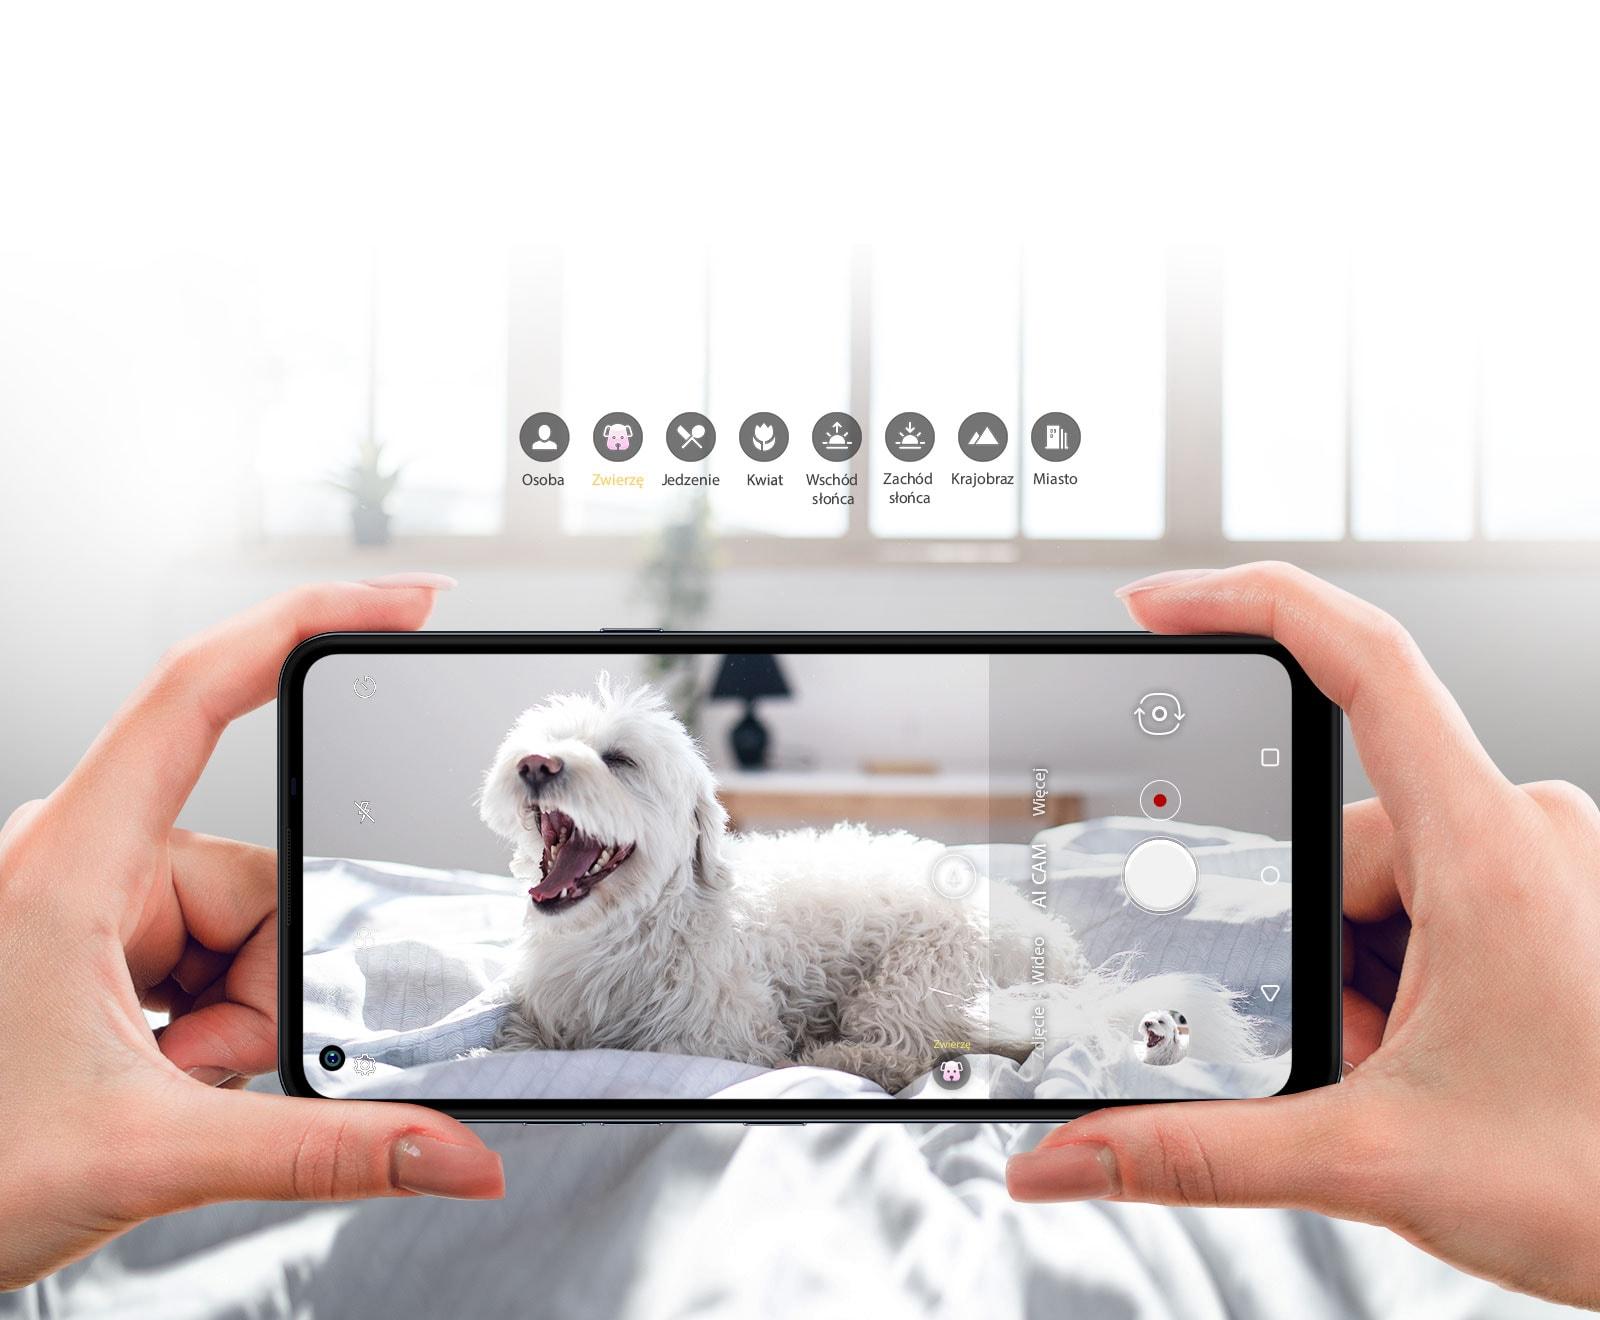 Zbliżenie na osobę robiącą zdjęcie psu.